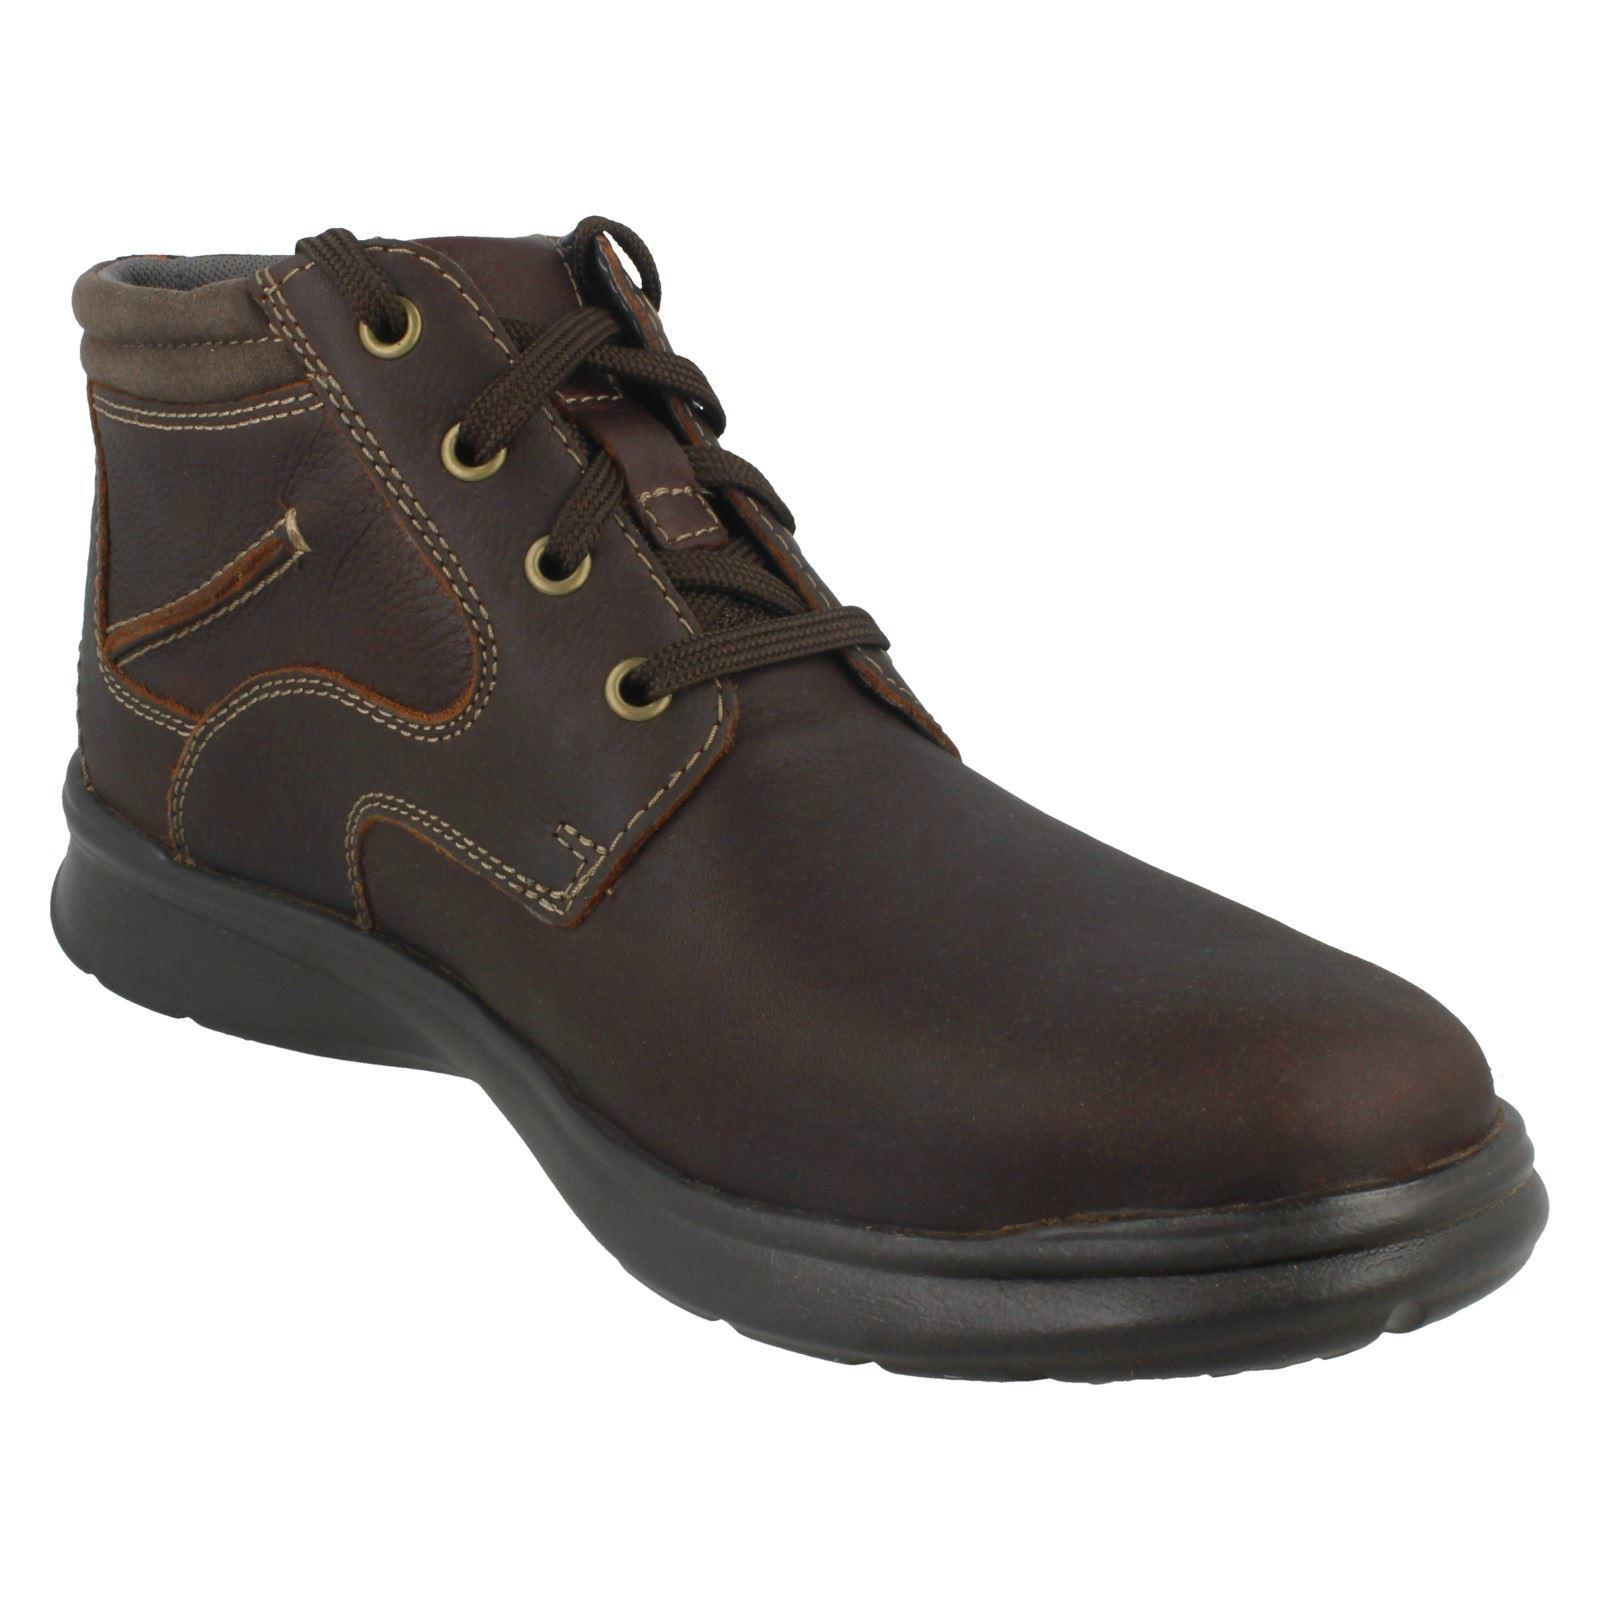 Clarks Hombre Casual Lace Up Ankle botas botas botas Cotrell Rise 9b3c9f